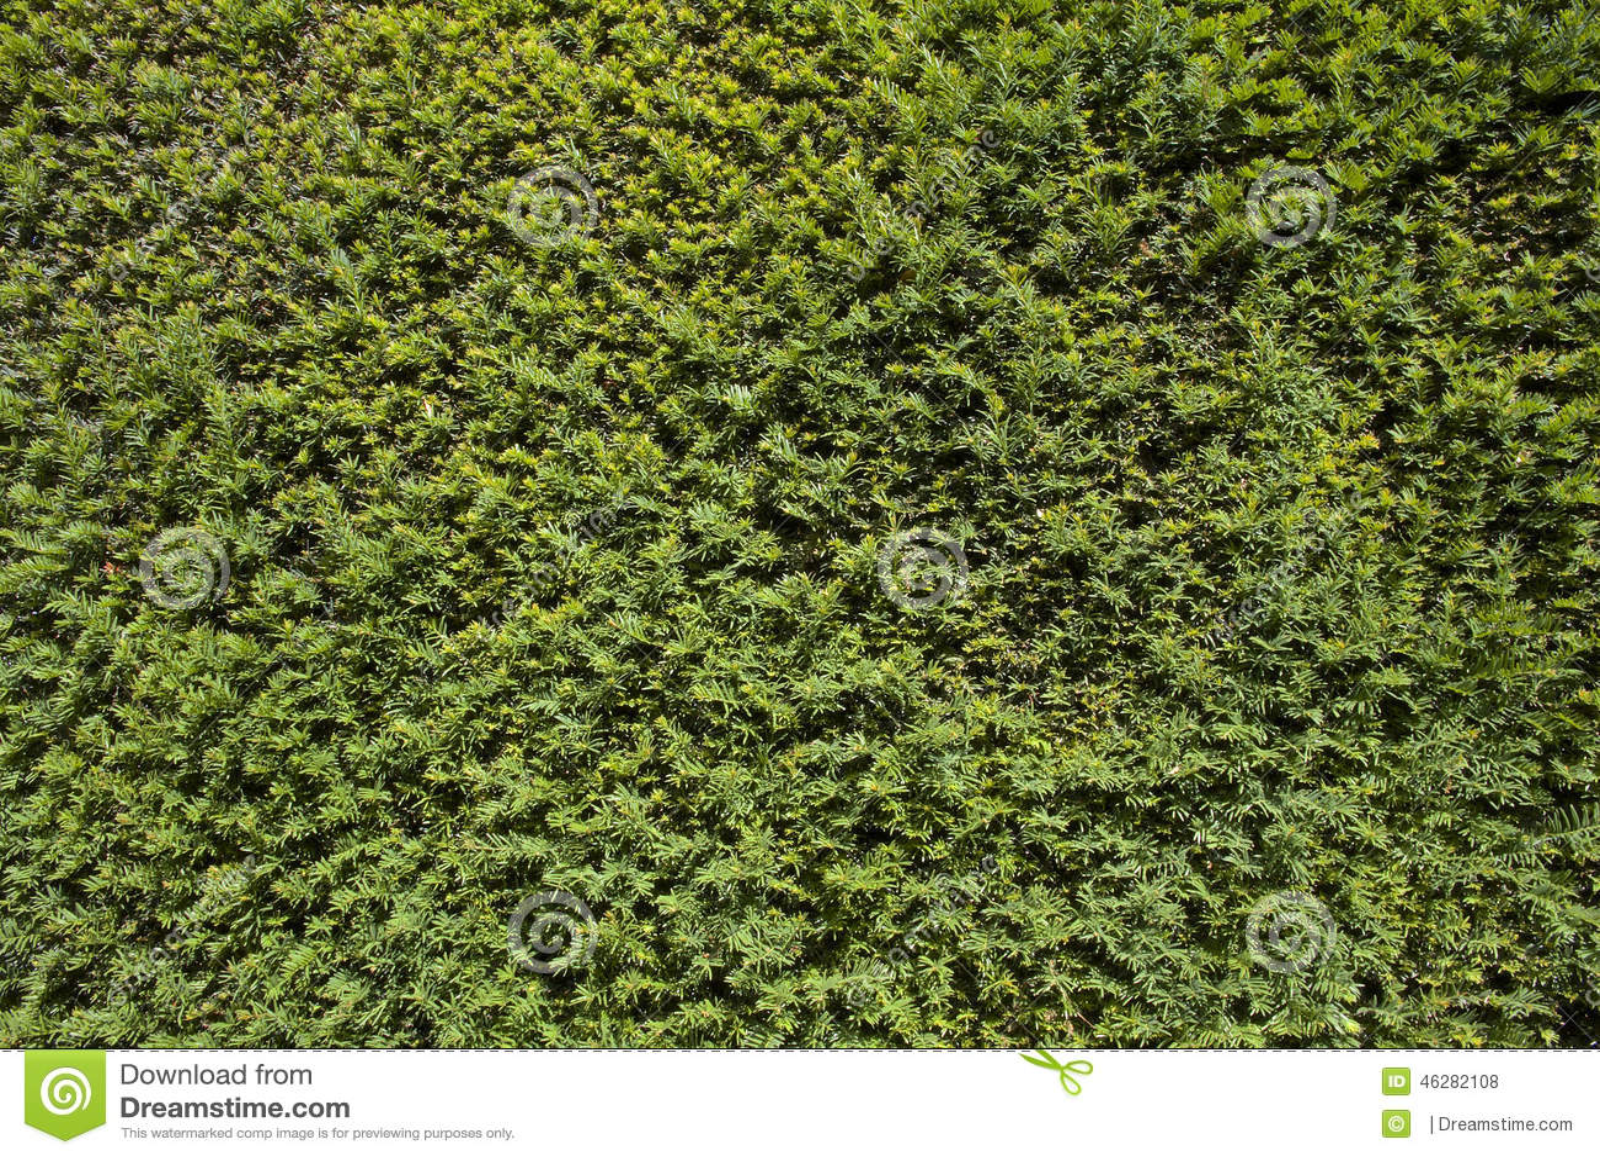 Eiben Baum Hecke stockfoto Bild von betrieb zweig immergrün